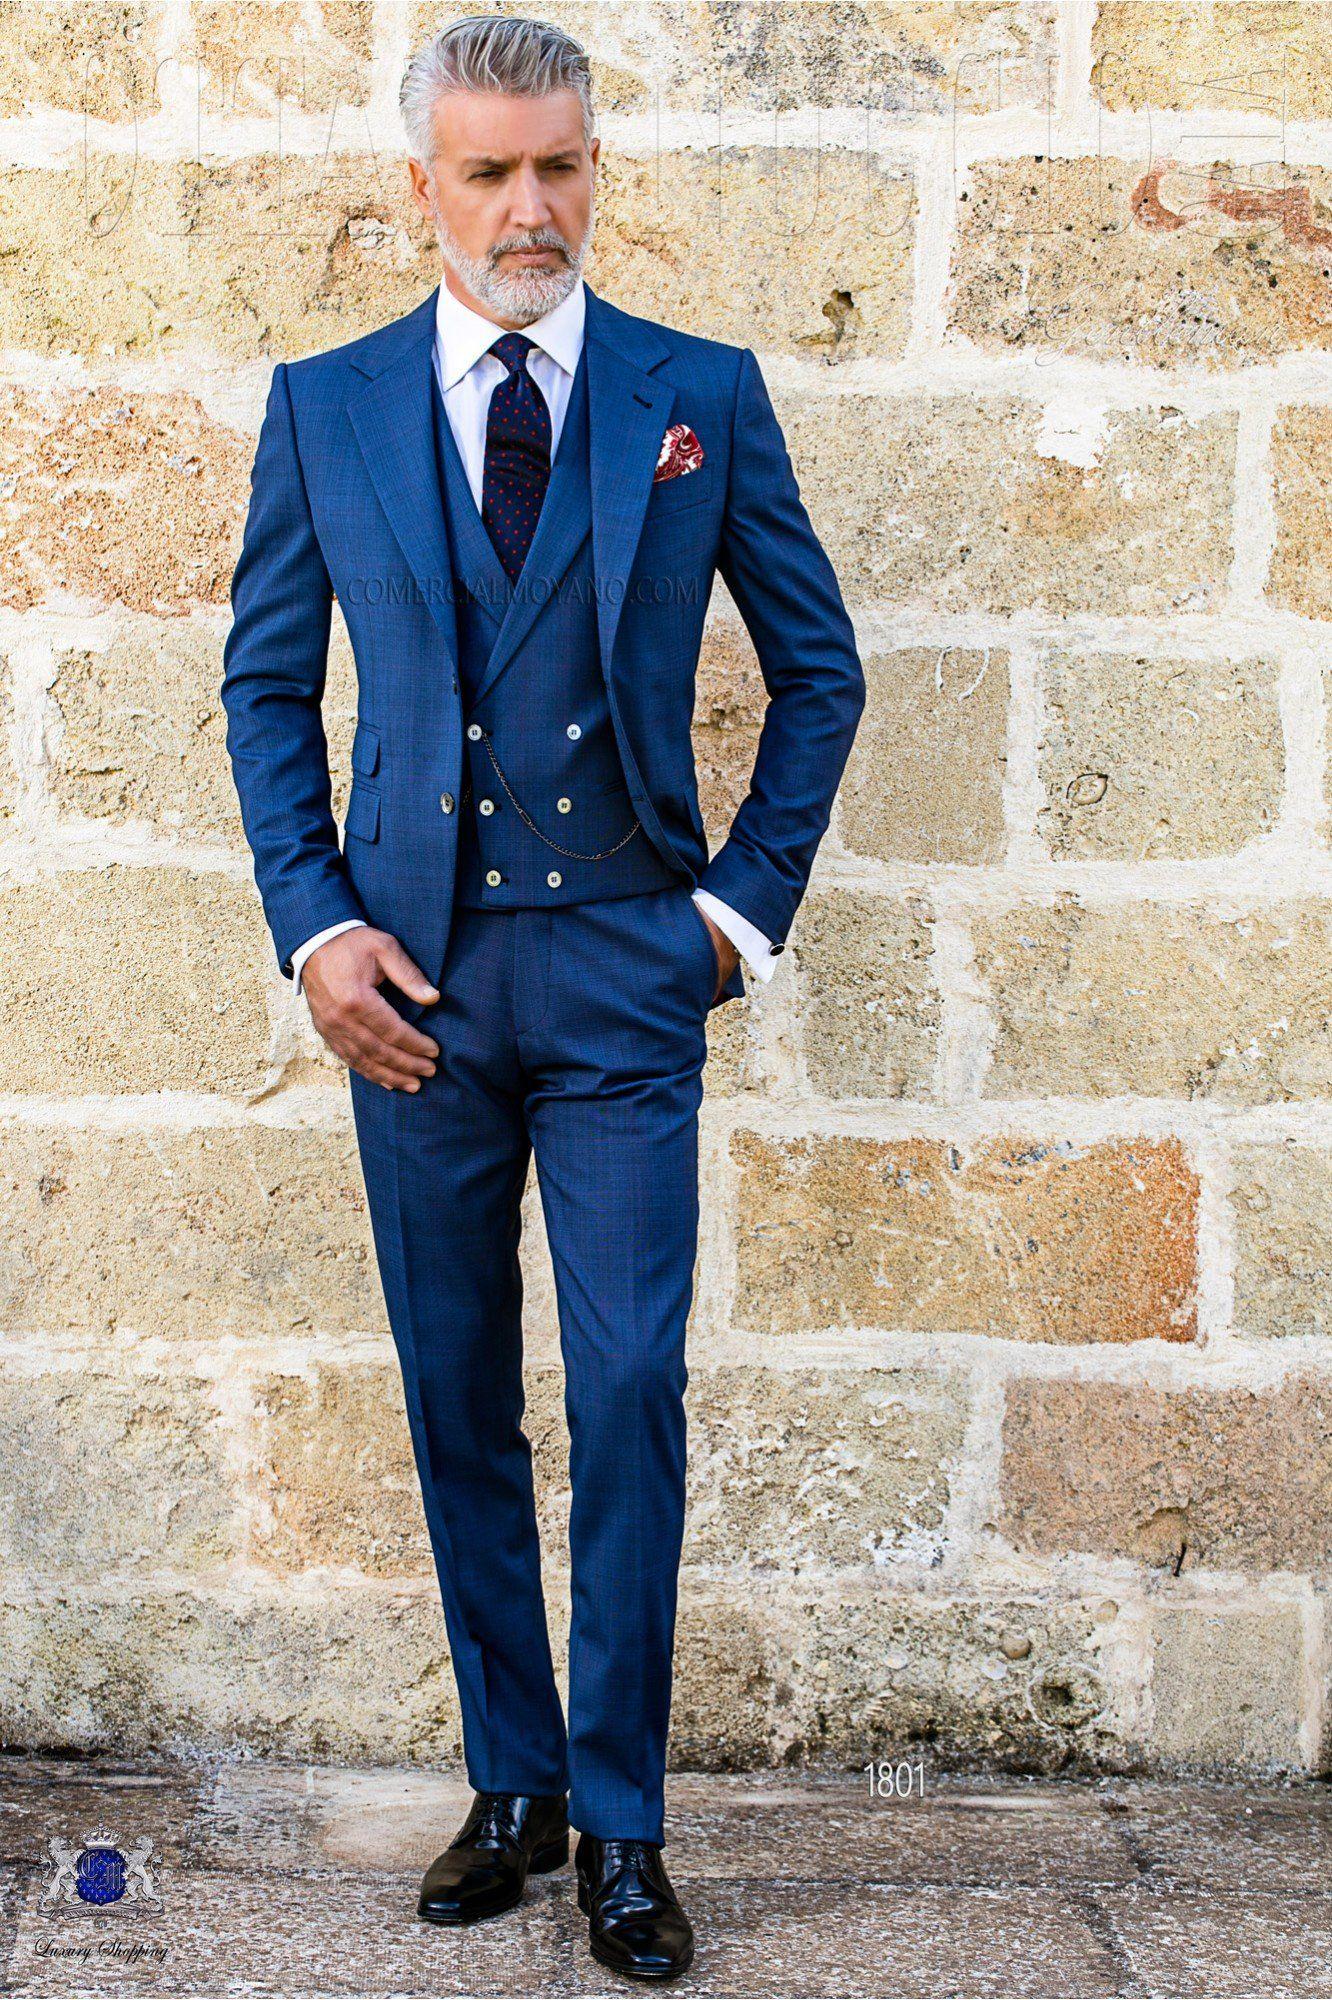 Schottenmuster blaue Herren Anzug | Schottenmuster, Hochzeitsanzug ...